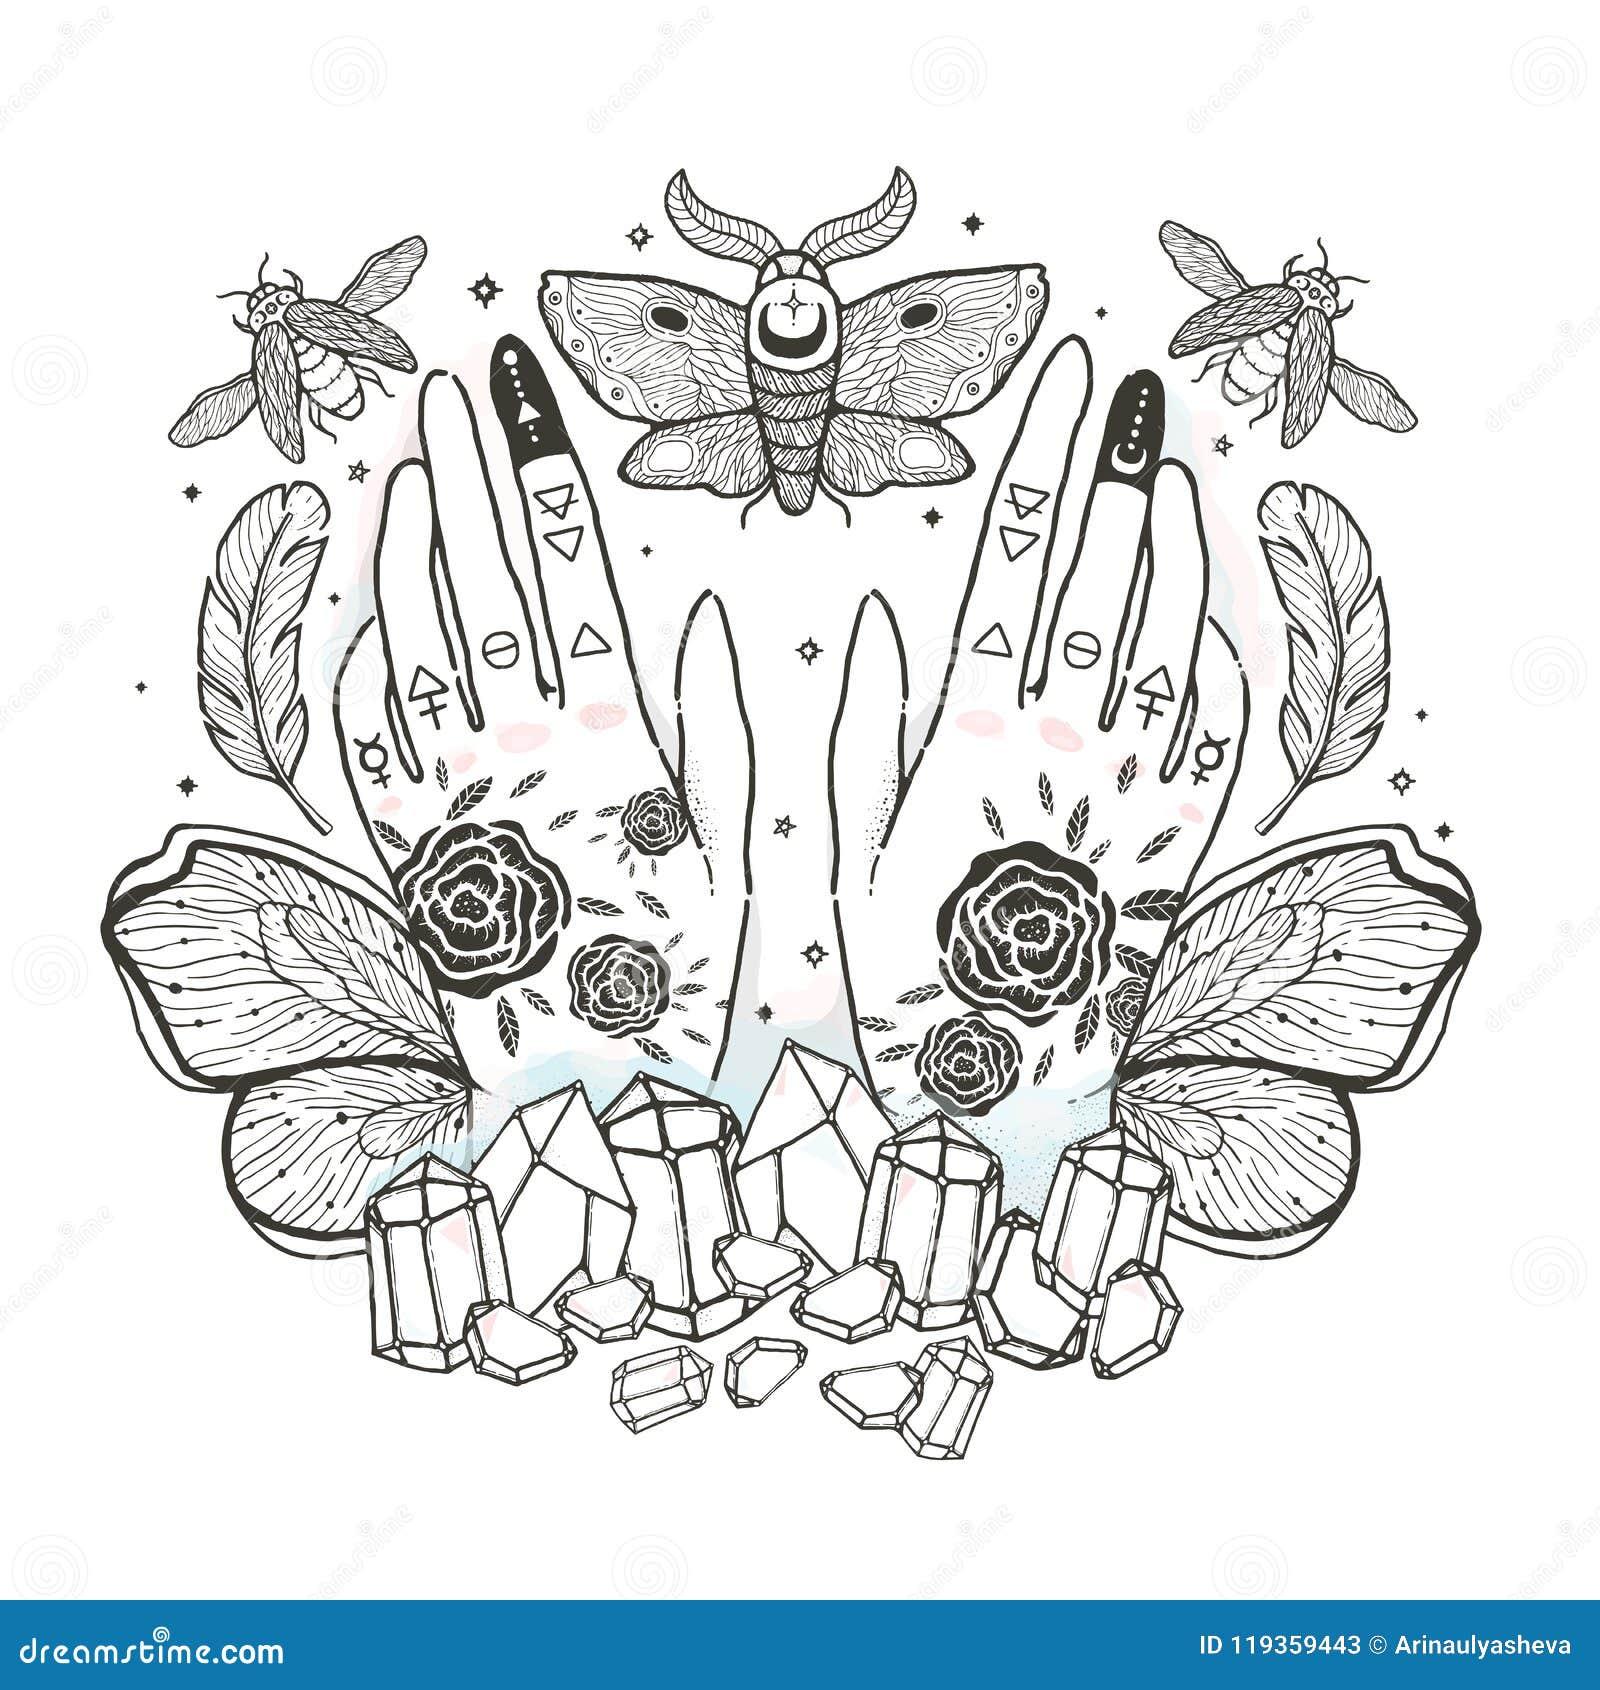 Bosqueje el ejemplo gráfico con y oculta los símbolos dibujados la mano mística Ilustración del vector C de Halloween, astrológic